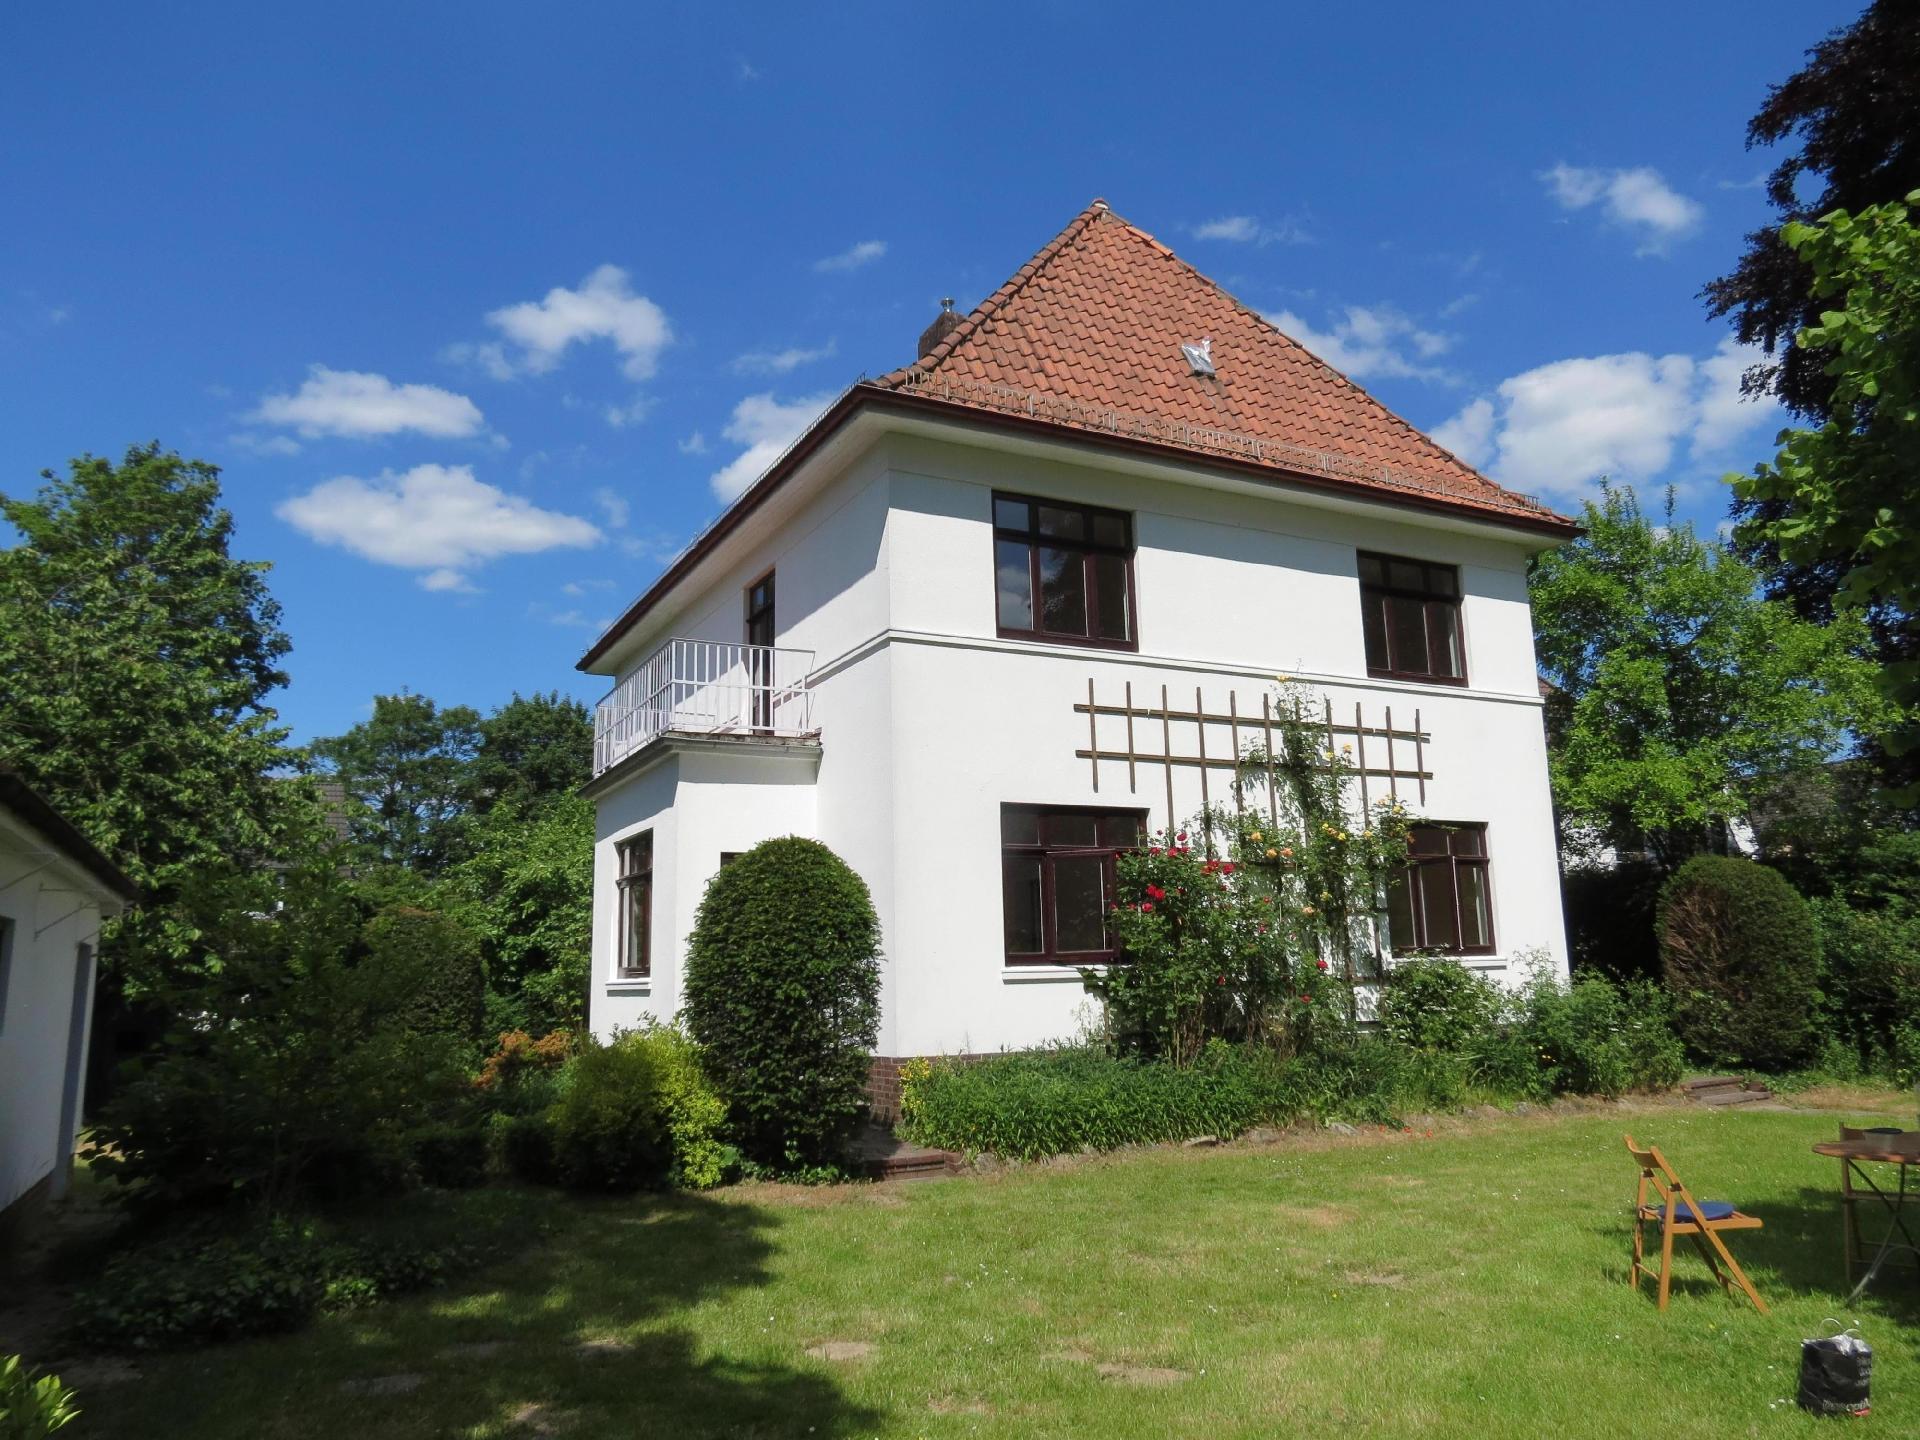 Haus der Wohnstile   Bremen